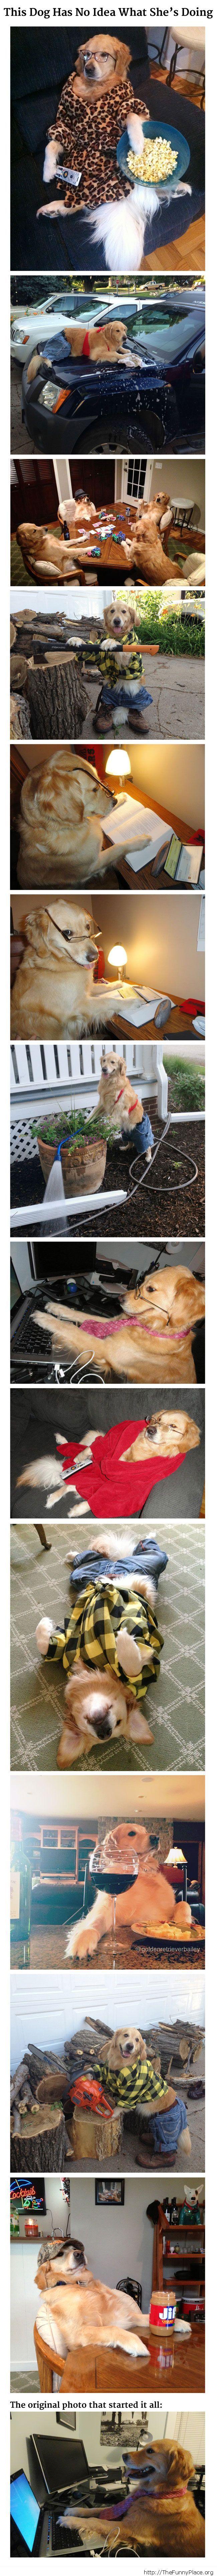 Funny No Idea Dog